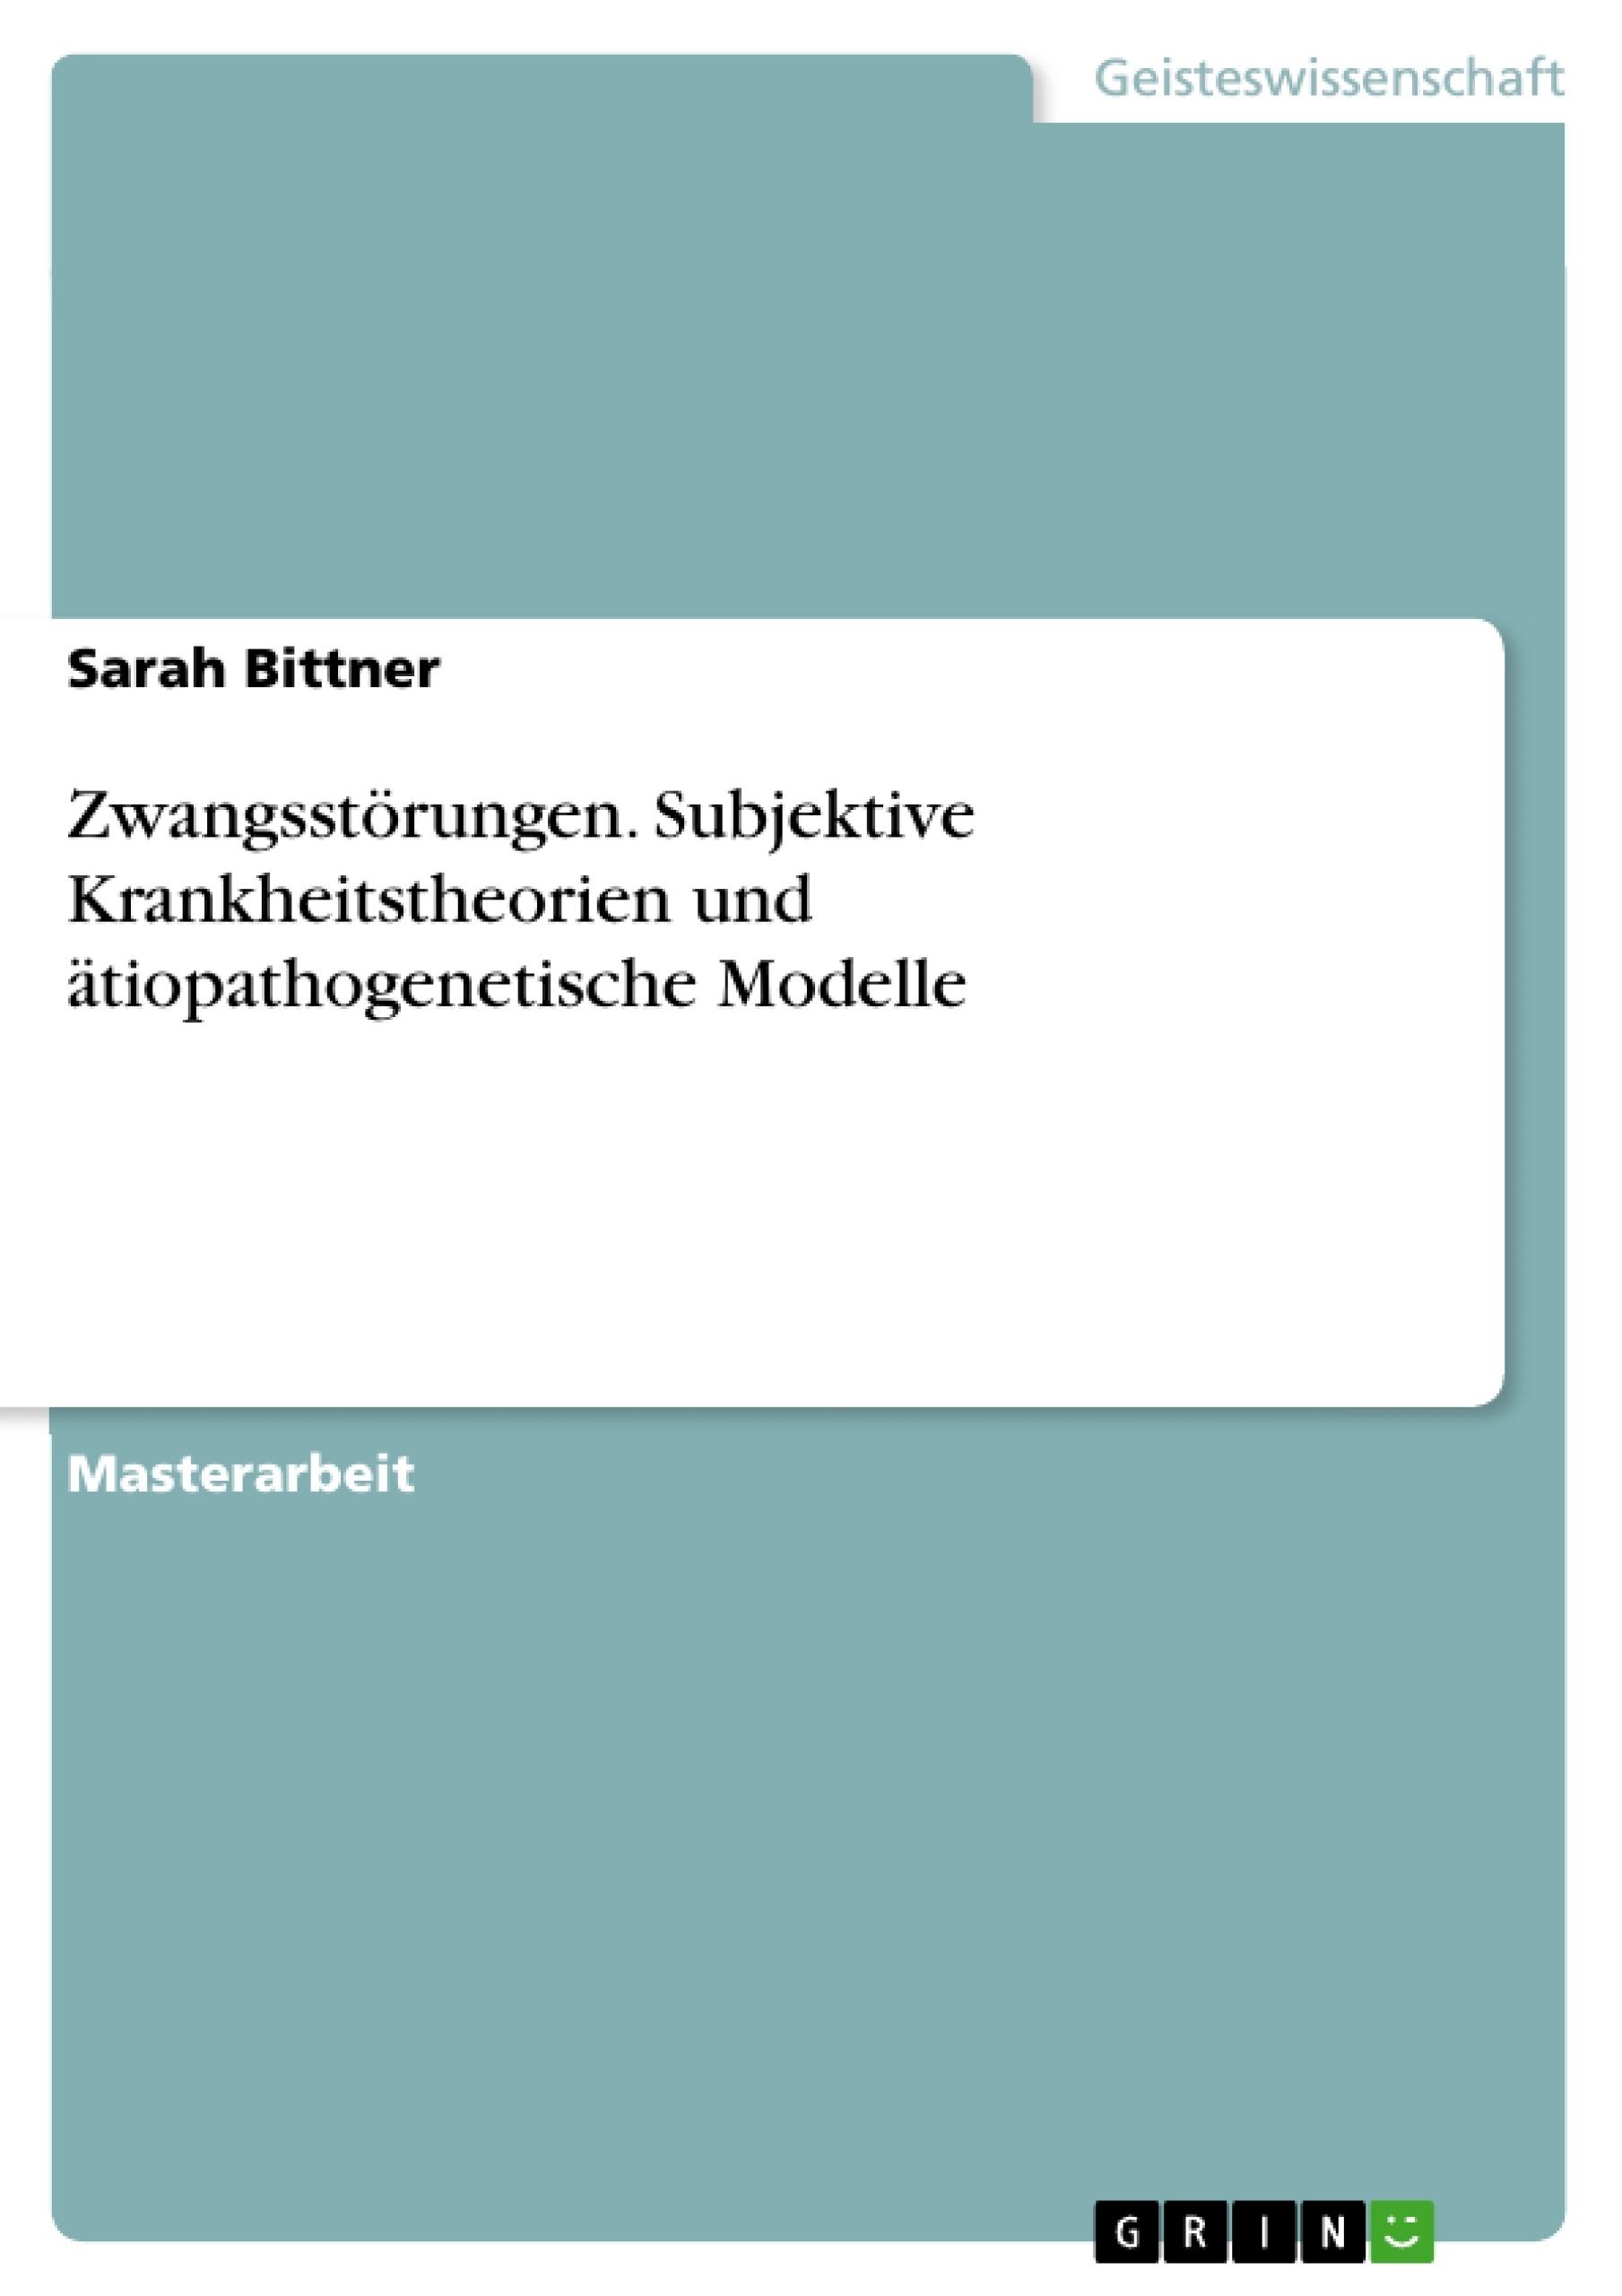 Titel: Zwangsstörungen. Subjektive Krankheitstheorien und ätiopathogenetische Modelle